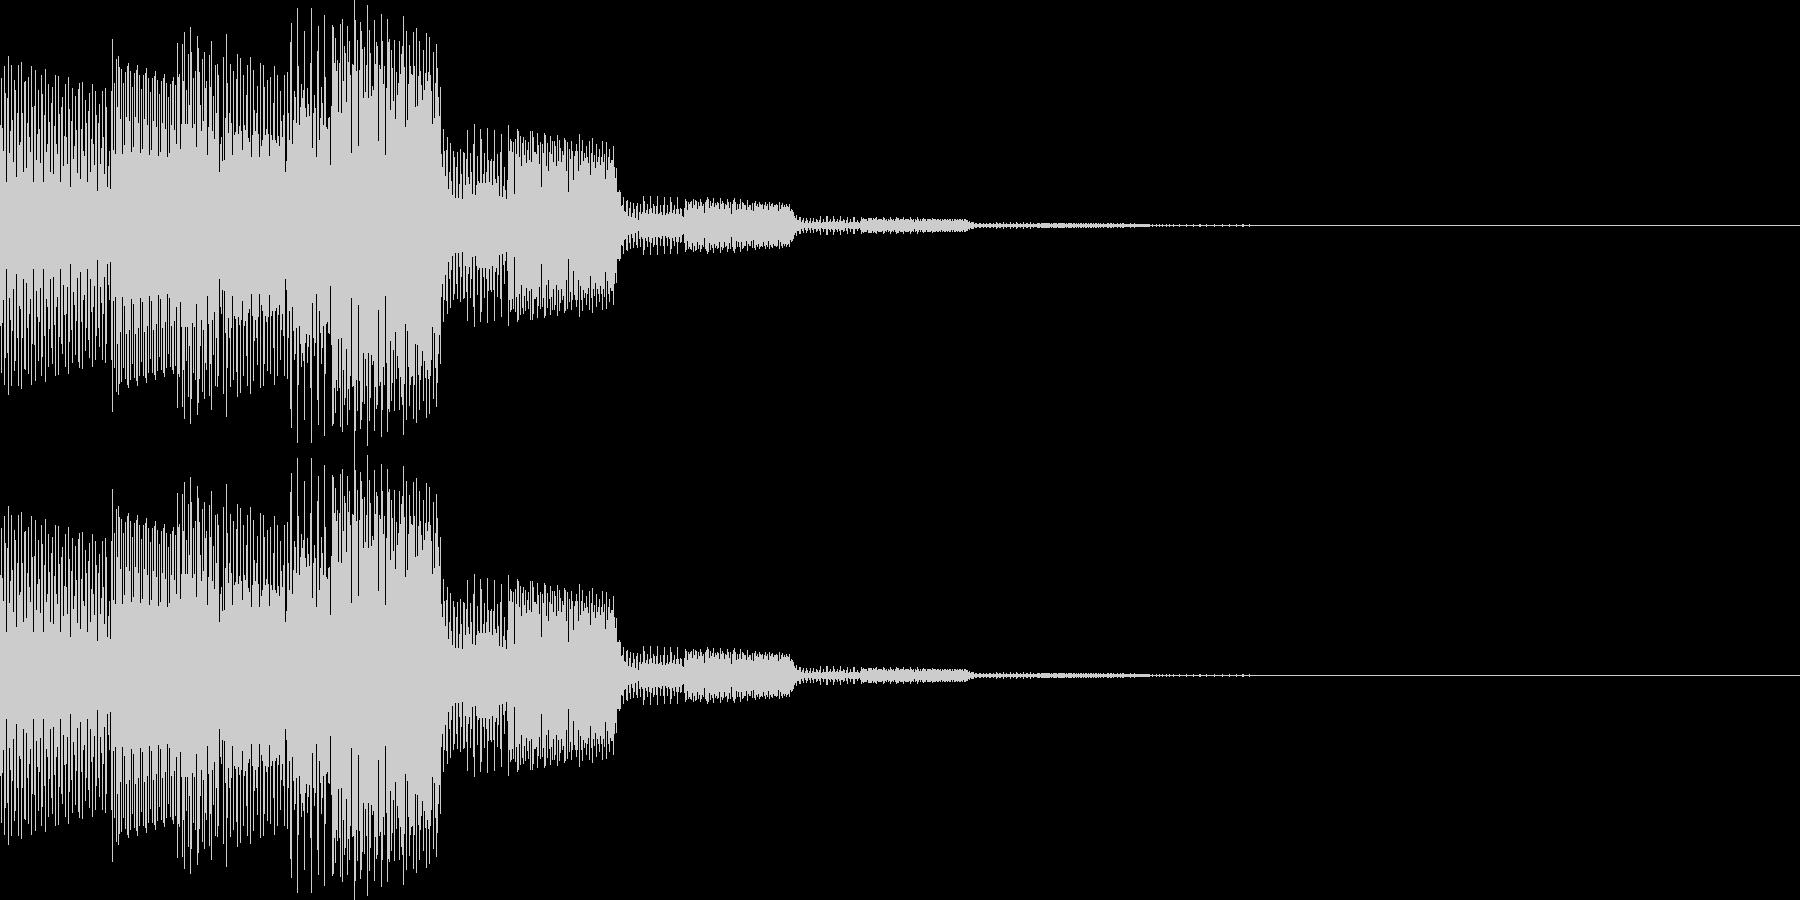 ピロリロン(決定、表示、ヒント)の未再生の波形